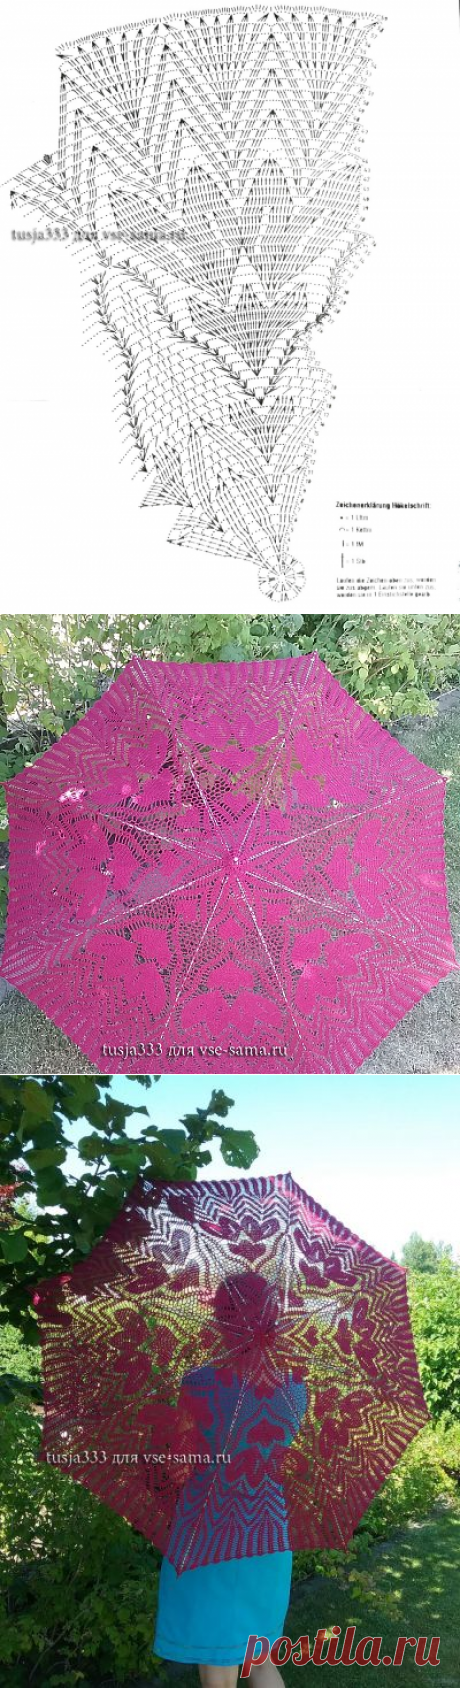 Мастер-класс - Зонт красные цветы. Описание, схема и выкройка